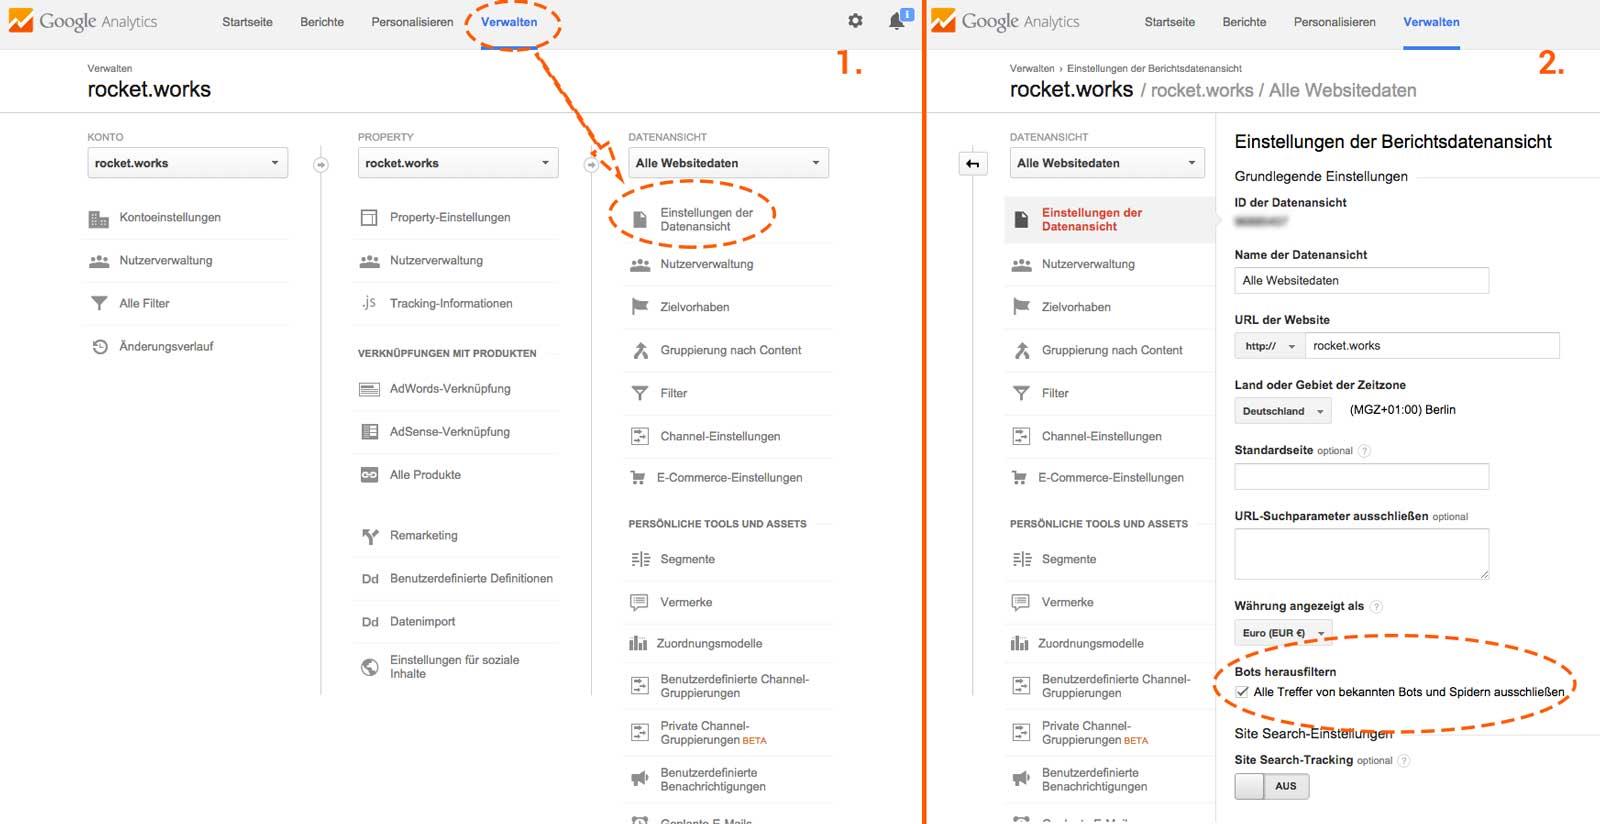 Bots herausfiltern in Google Analytics aktivieren um Spam zu verhindern